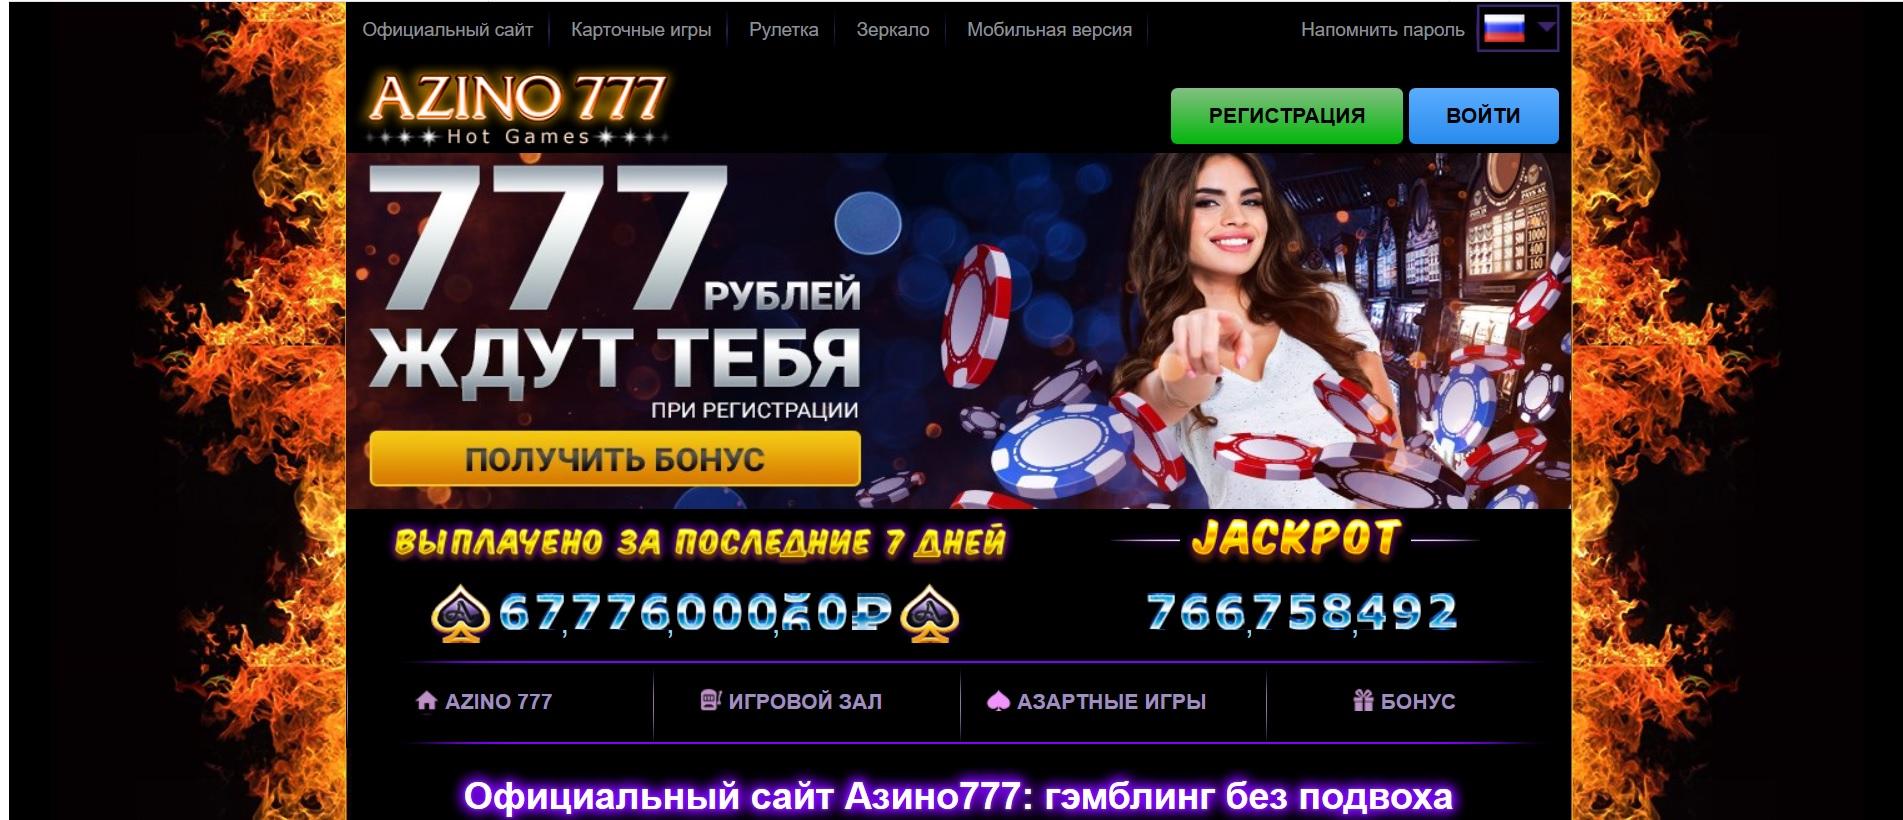 Азино777 онлайн с бонусом 2018